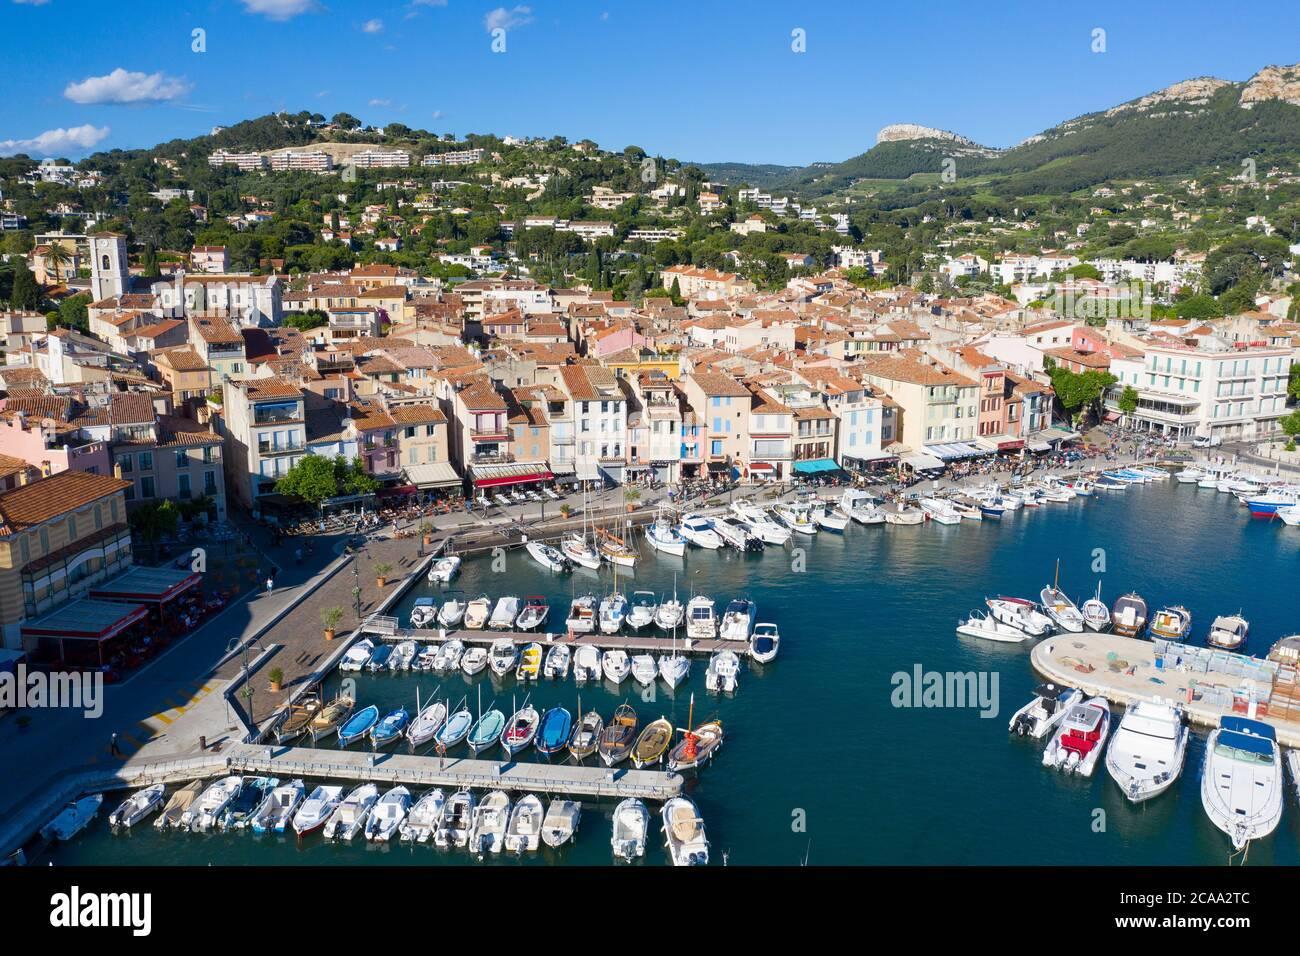 Vista aerea di Cassis, un villaggio di pescatori situato vicino a Marsiglia Foto Stock